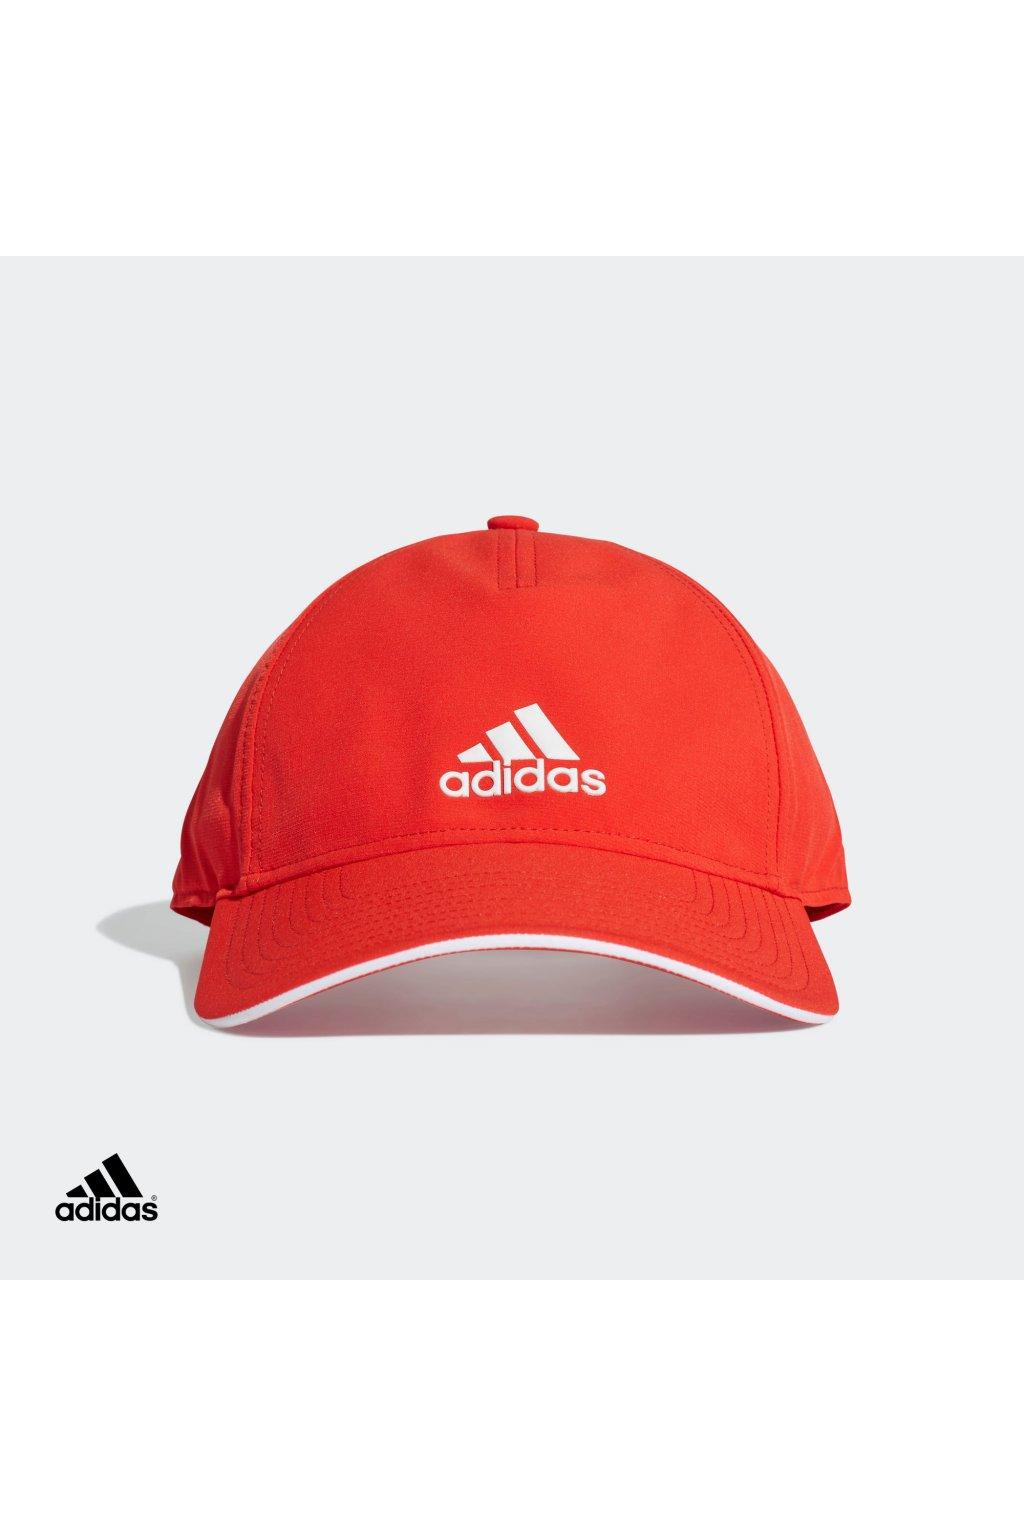 dt8538 adidas c40 climalite cap (1)